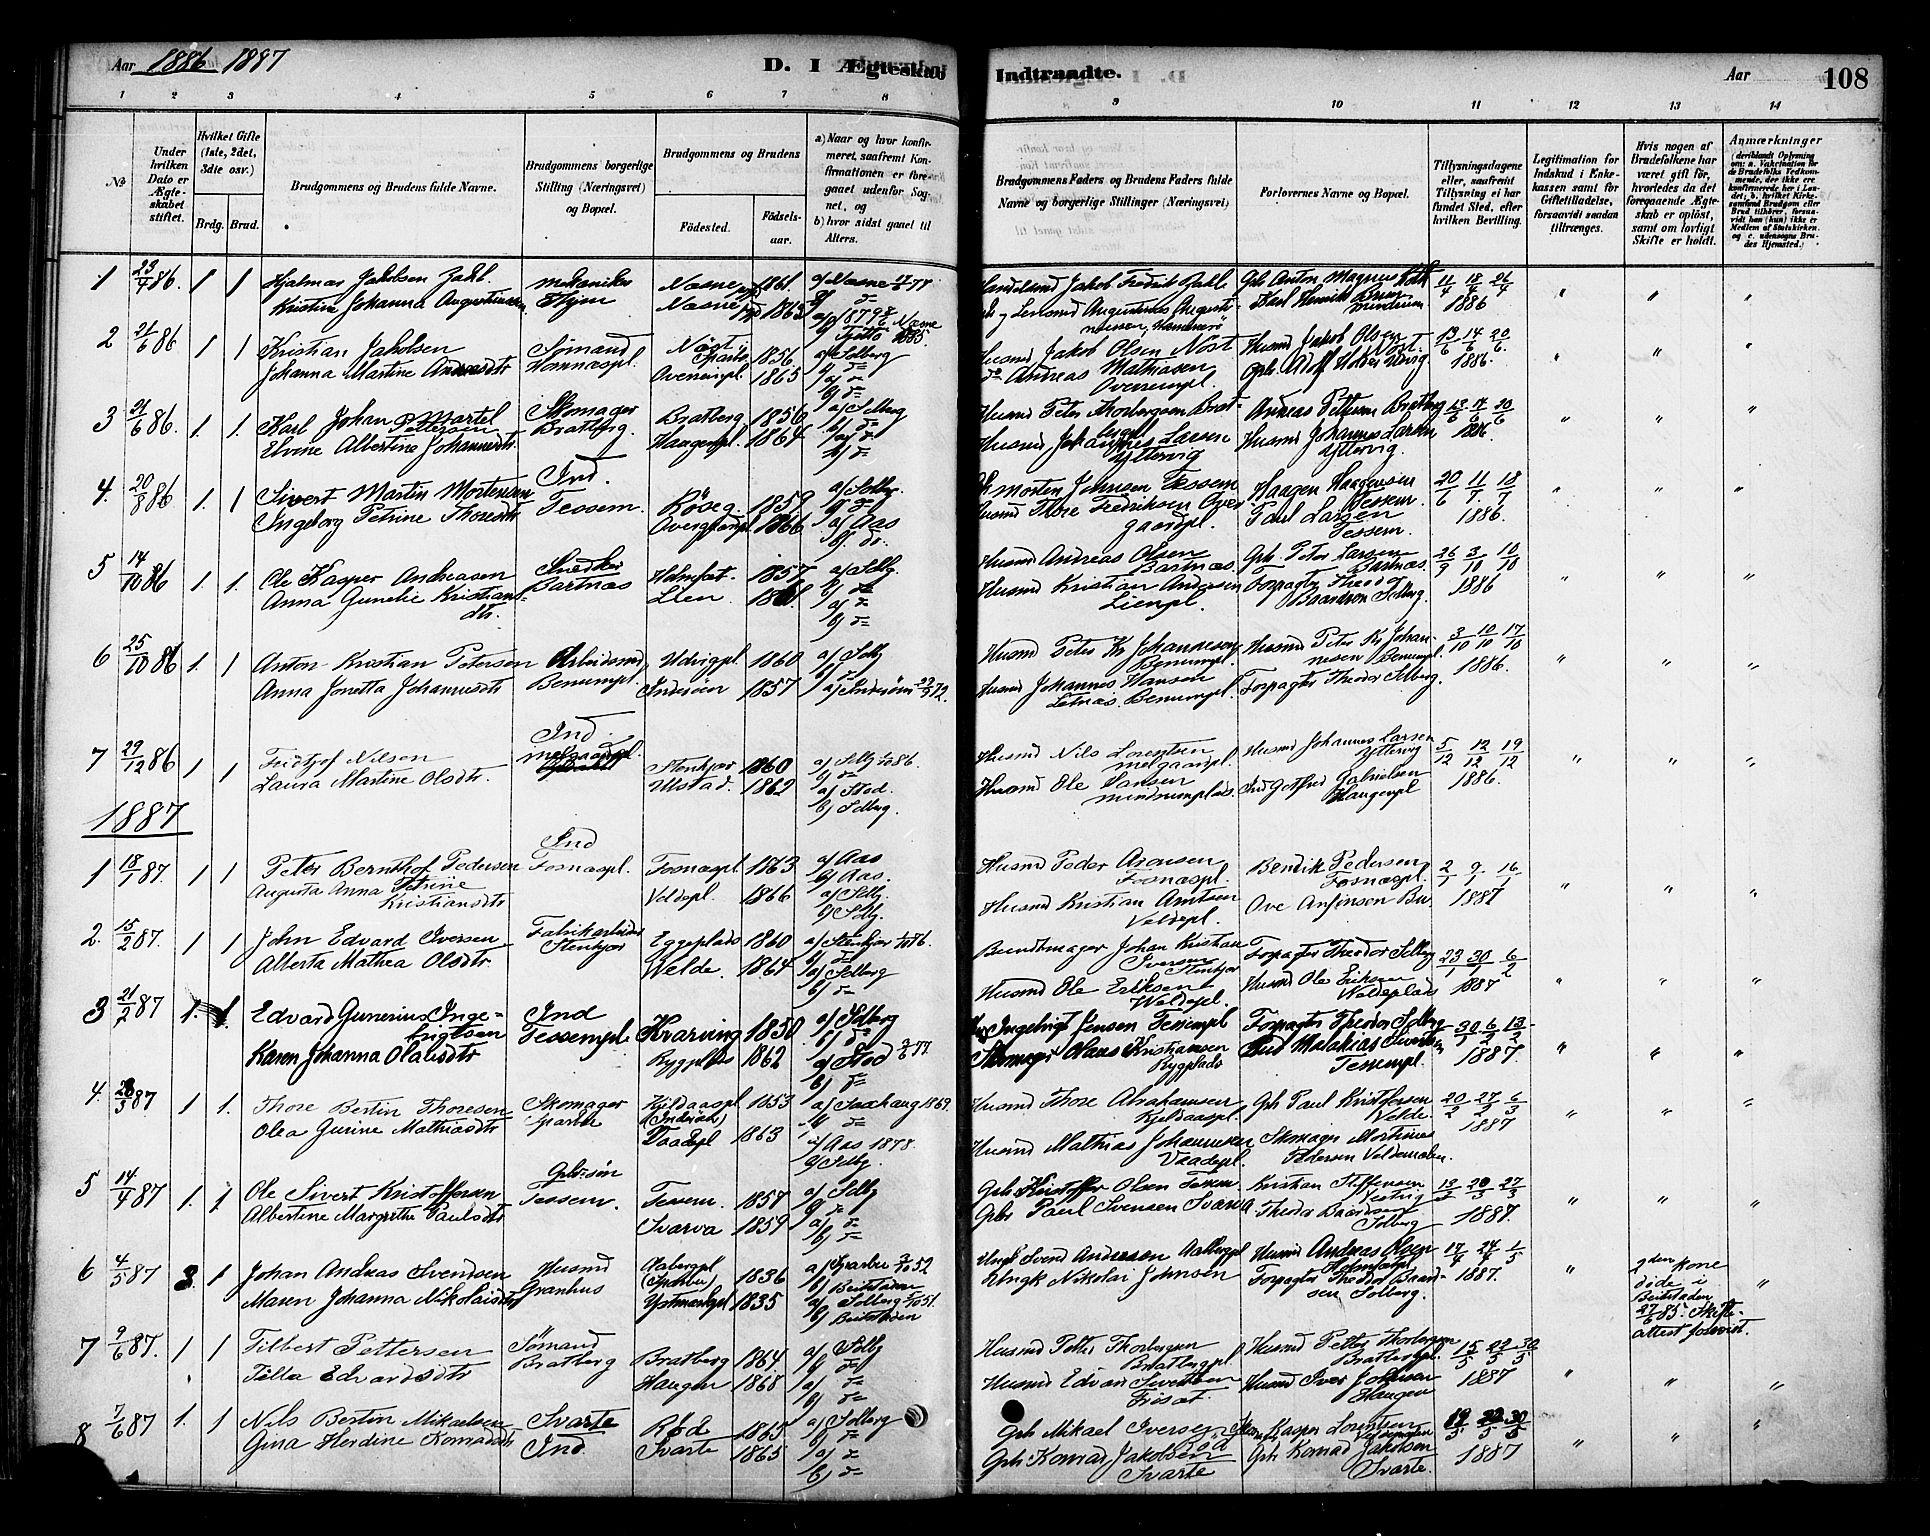 SAT, Ministerialprotokoller, klokkerbøker og fødselsregistre - Nord-Trøndelag, 741/L0395: Ministerialbok nr. 741A09, 1878-1888, s. 108